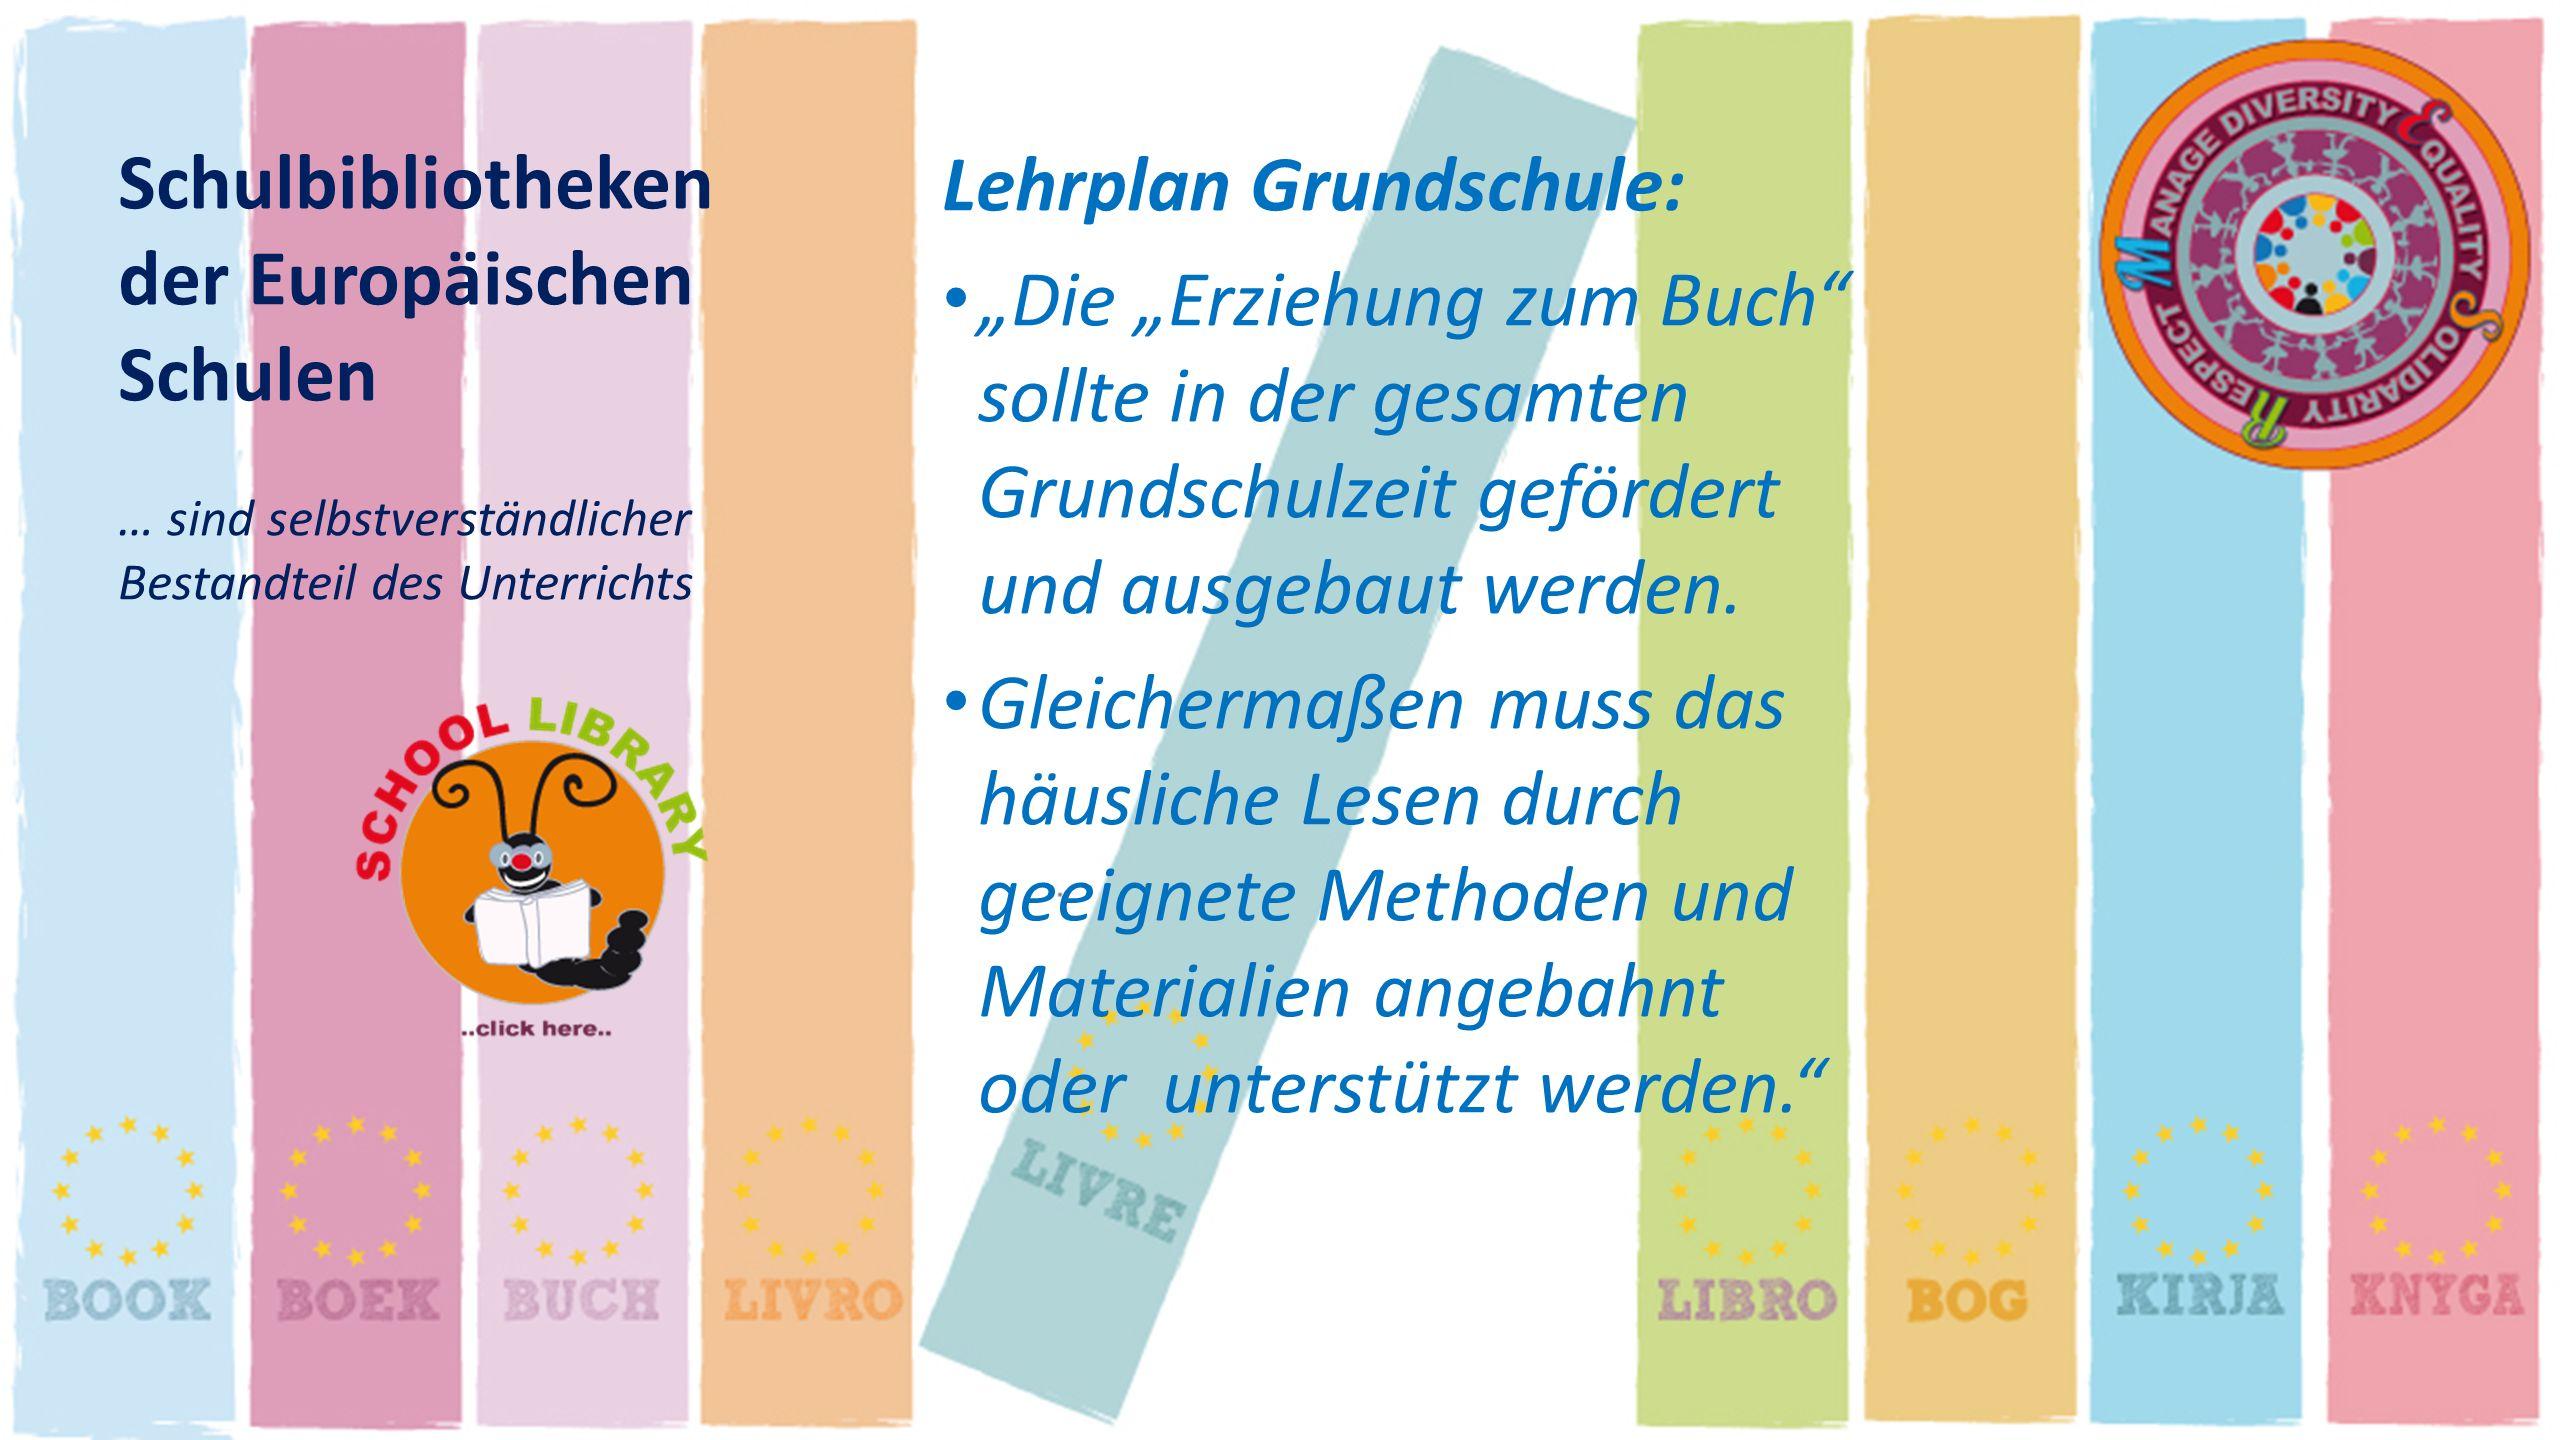 Schulbibliotheken der Europäischen Schulen … sind selbstverständlicher Bestandteil des Unterrichts Lehrplan Grundschule: Die Erziehung zum Buch sollte